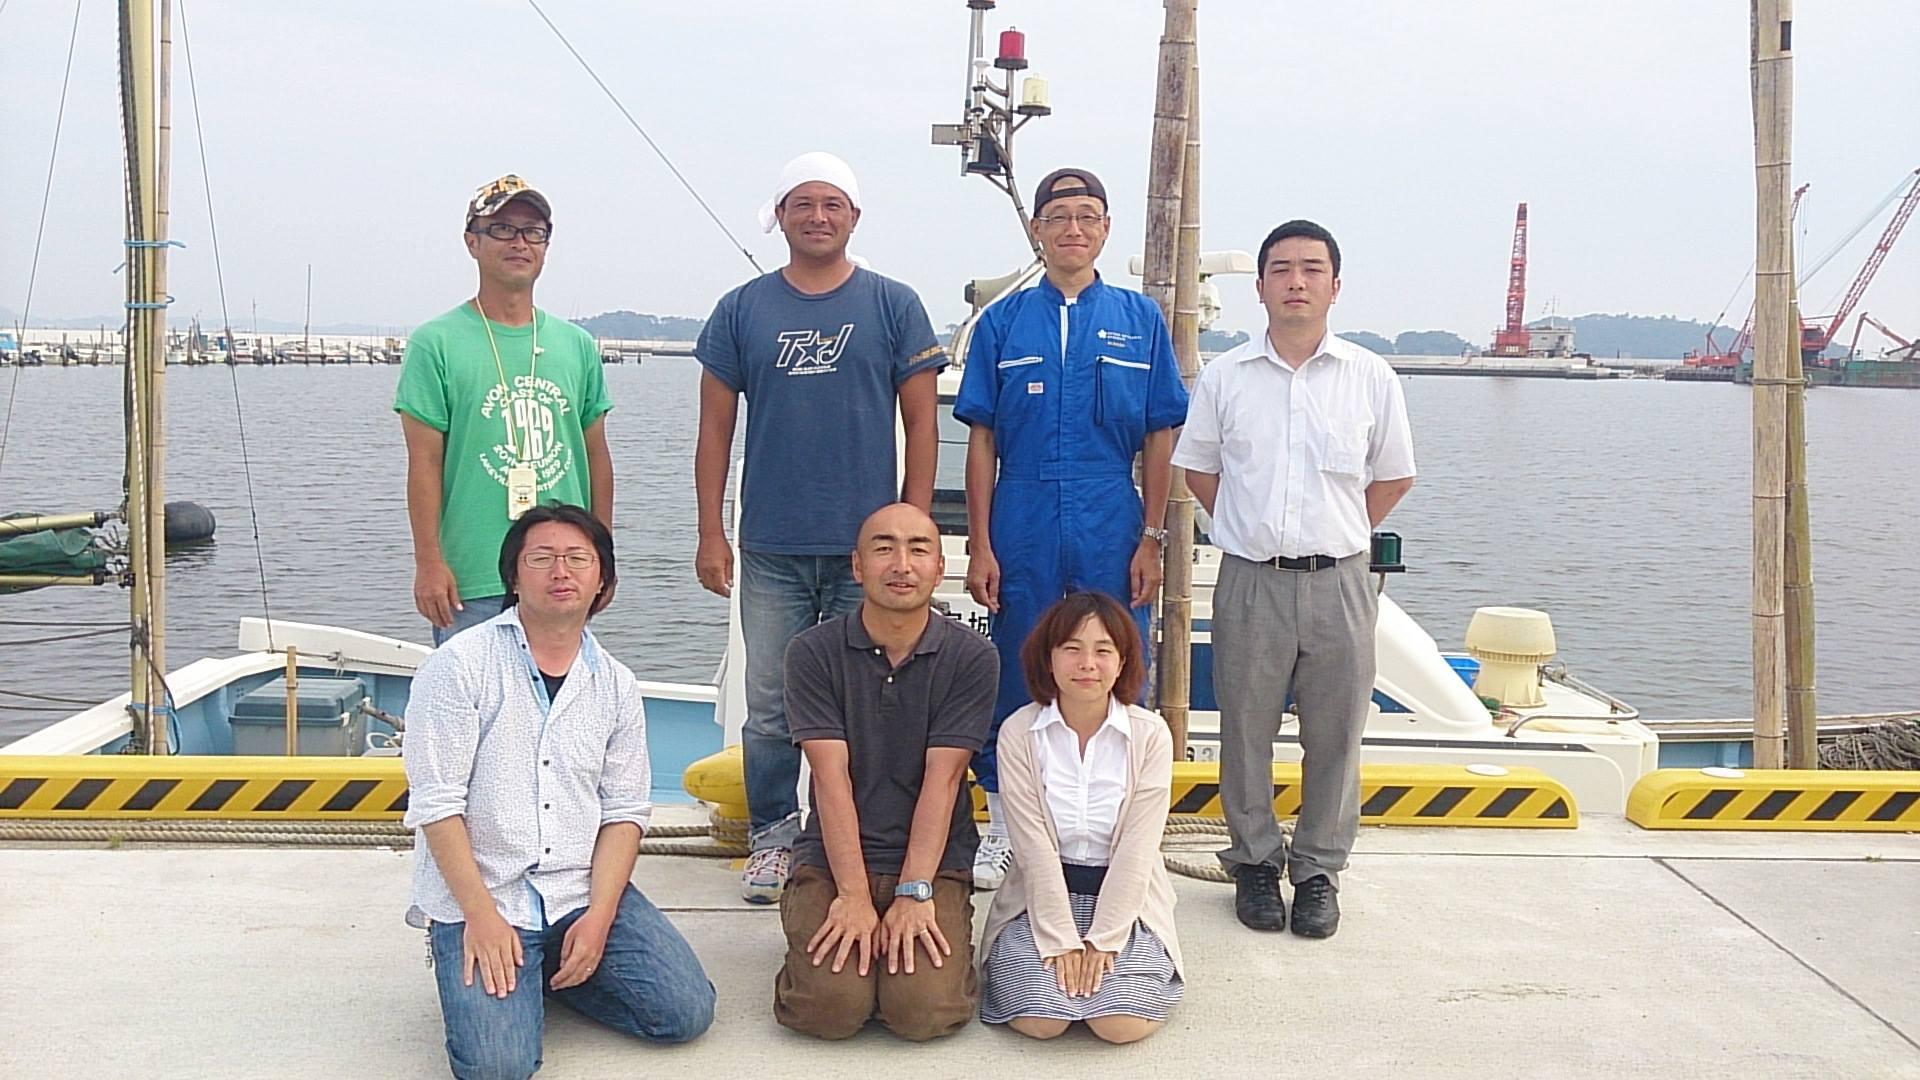 当社代表、相澤謙一郎が【「水産×IT」で水産業活性化!〜宮城県松島湾での挑戦〜】にてパネルディスカッションに登壇し、ファシリテーターを担当いたします。